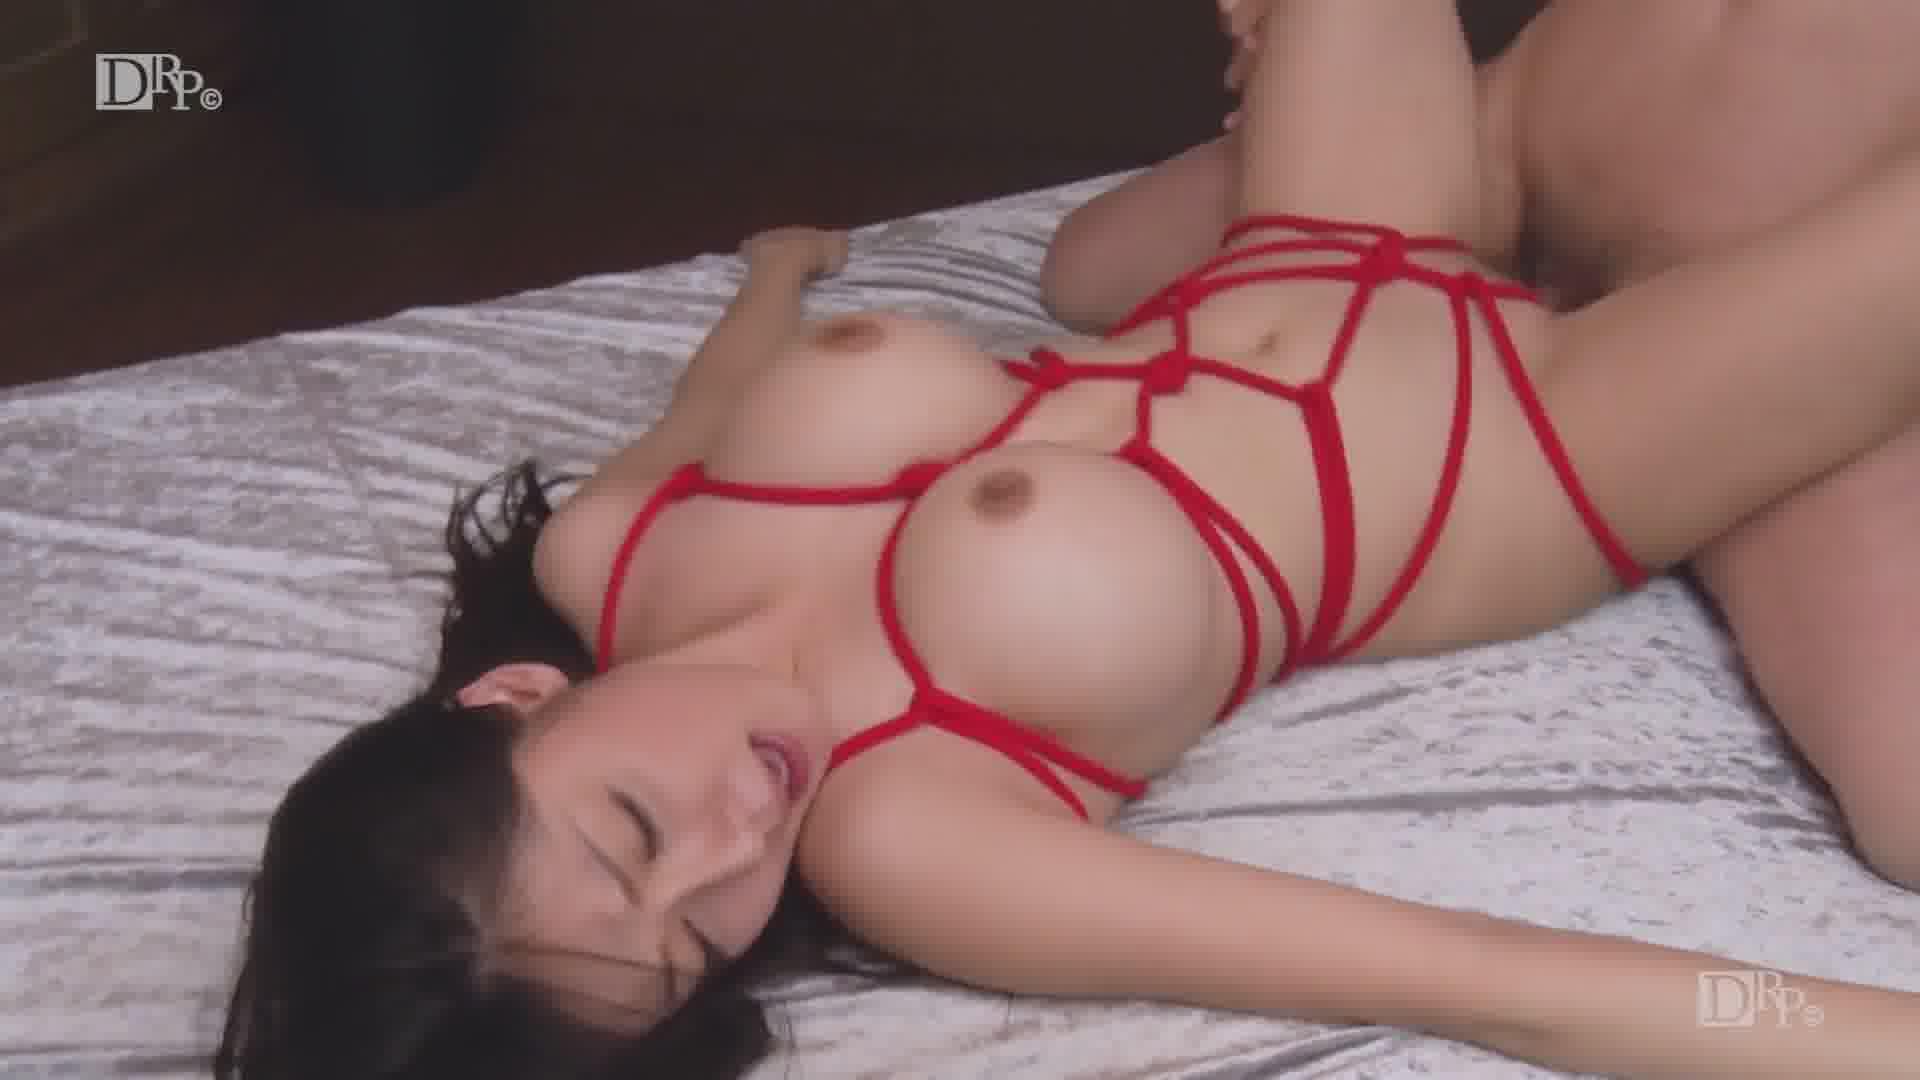 ダイナマイト 仲間あずみ - 仲間あずみ【乱交・巨乳・SM】